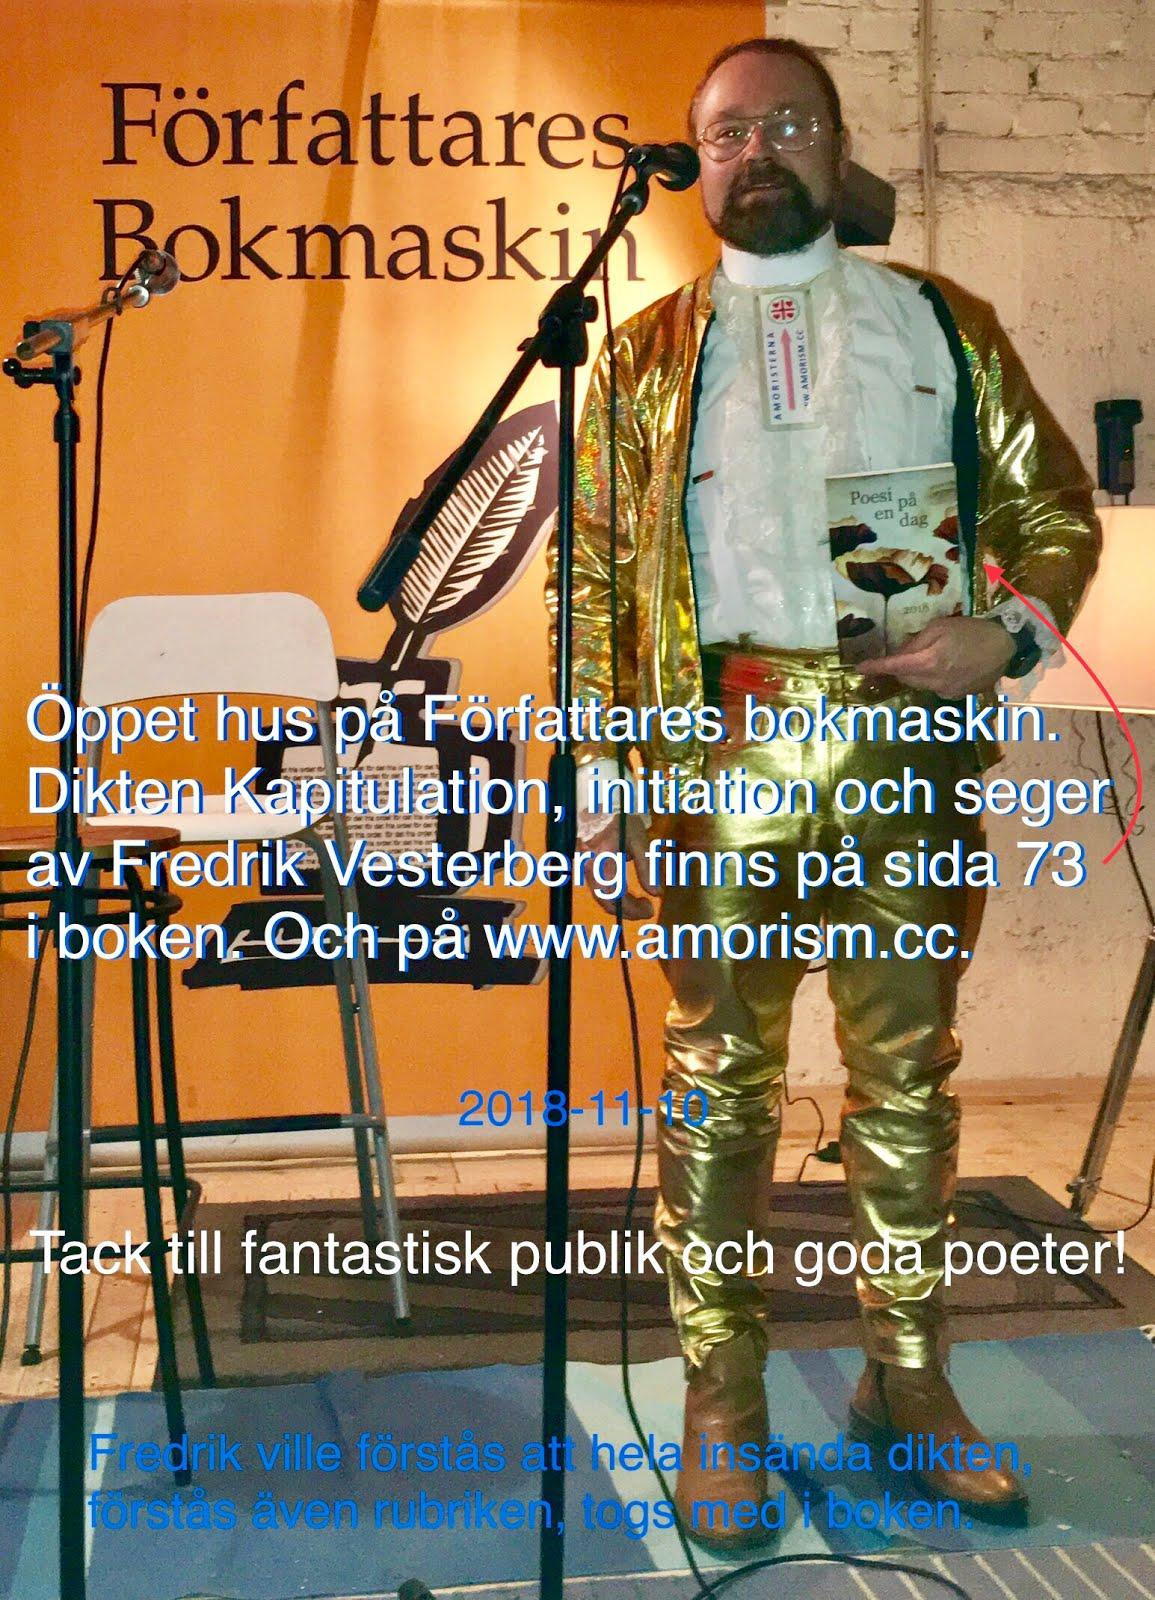 Jpg. bild Fredrik Vesterberg